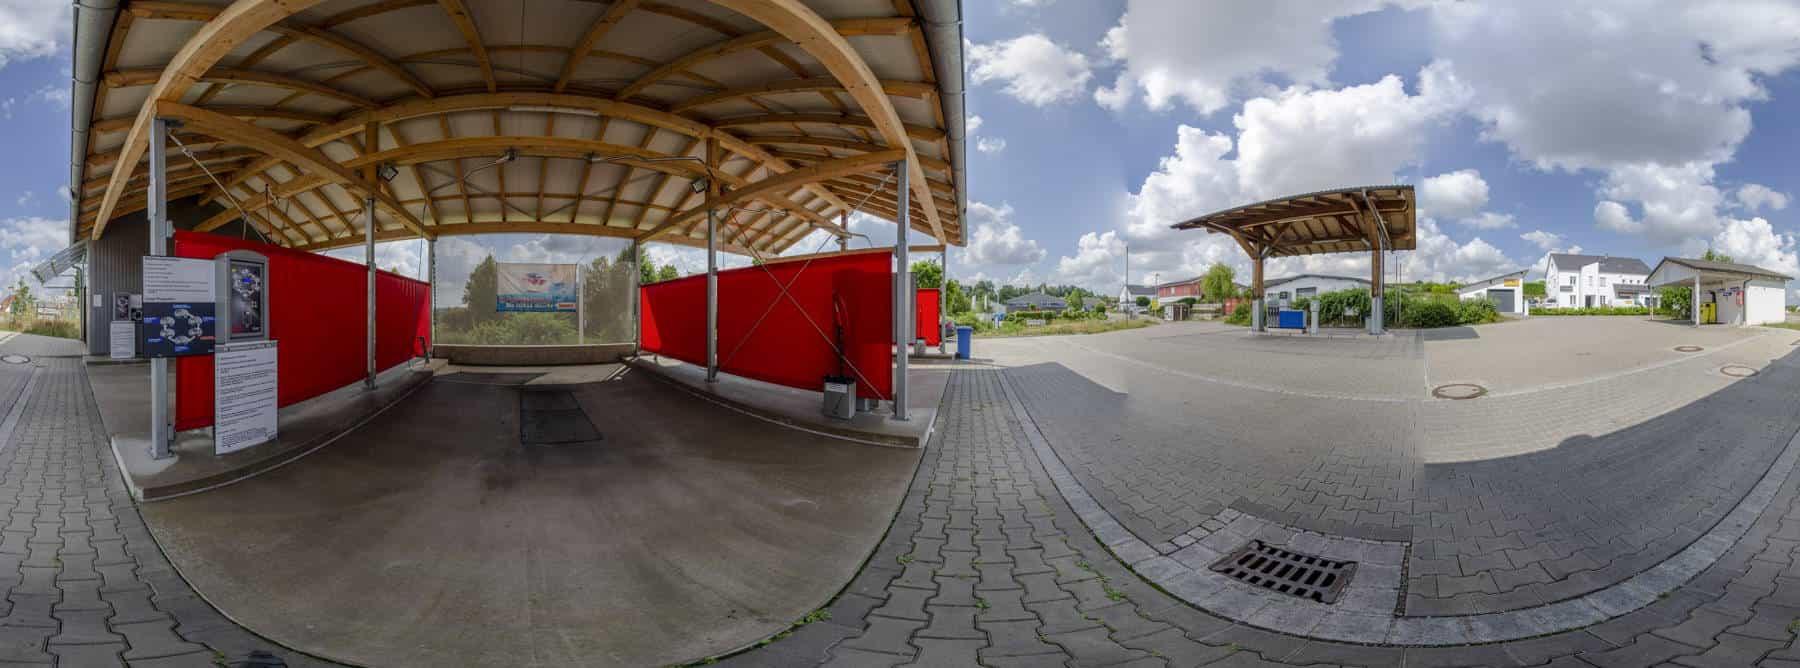 Tankstelle Jetzendorf 360°